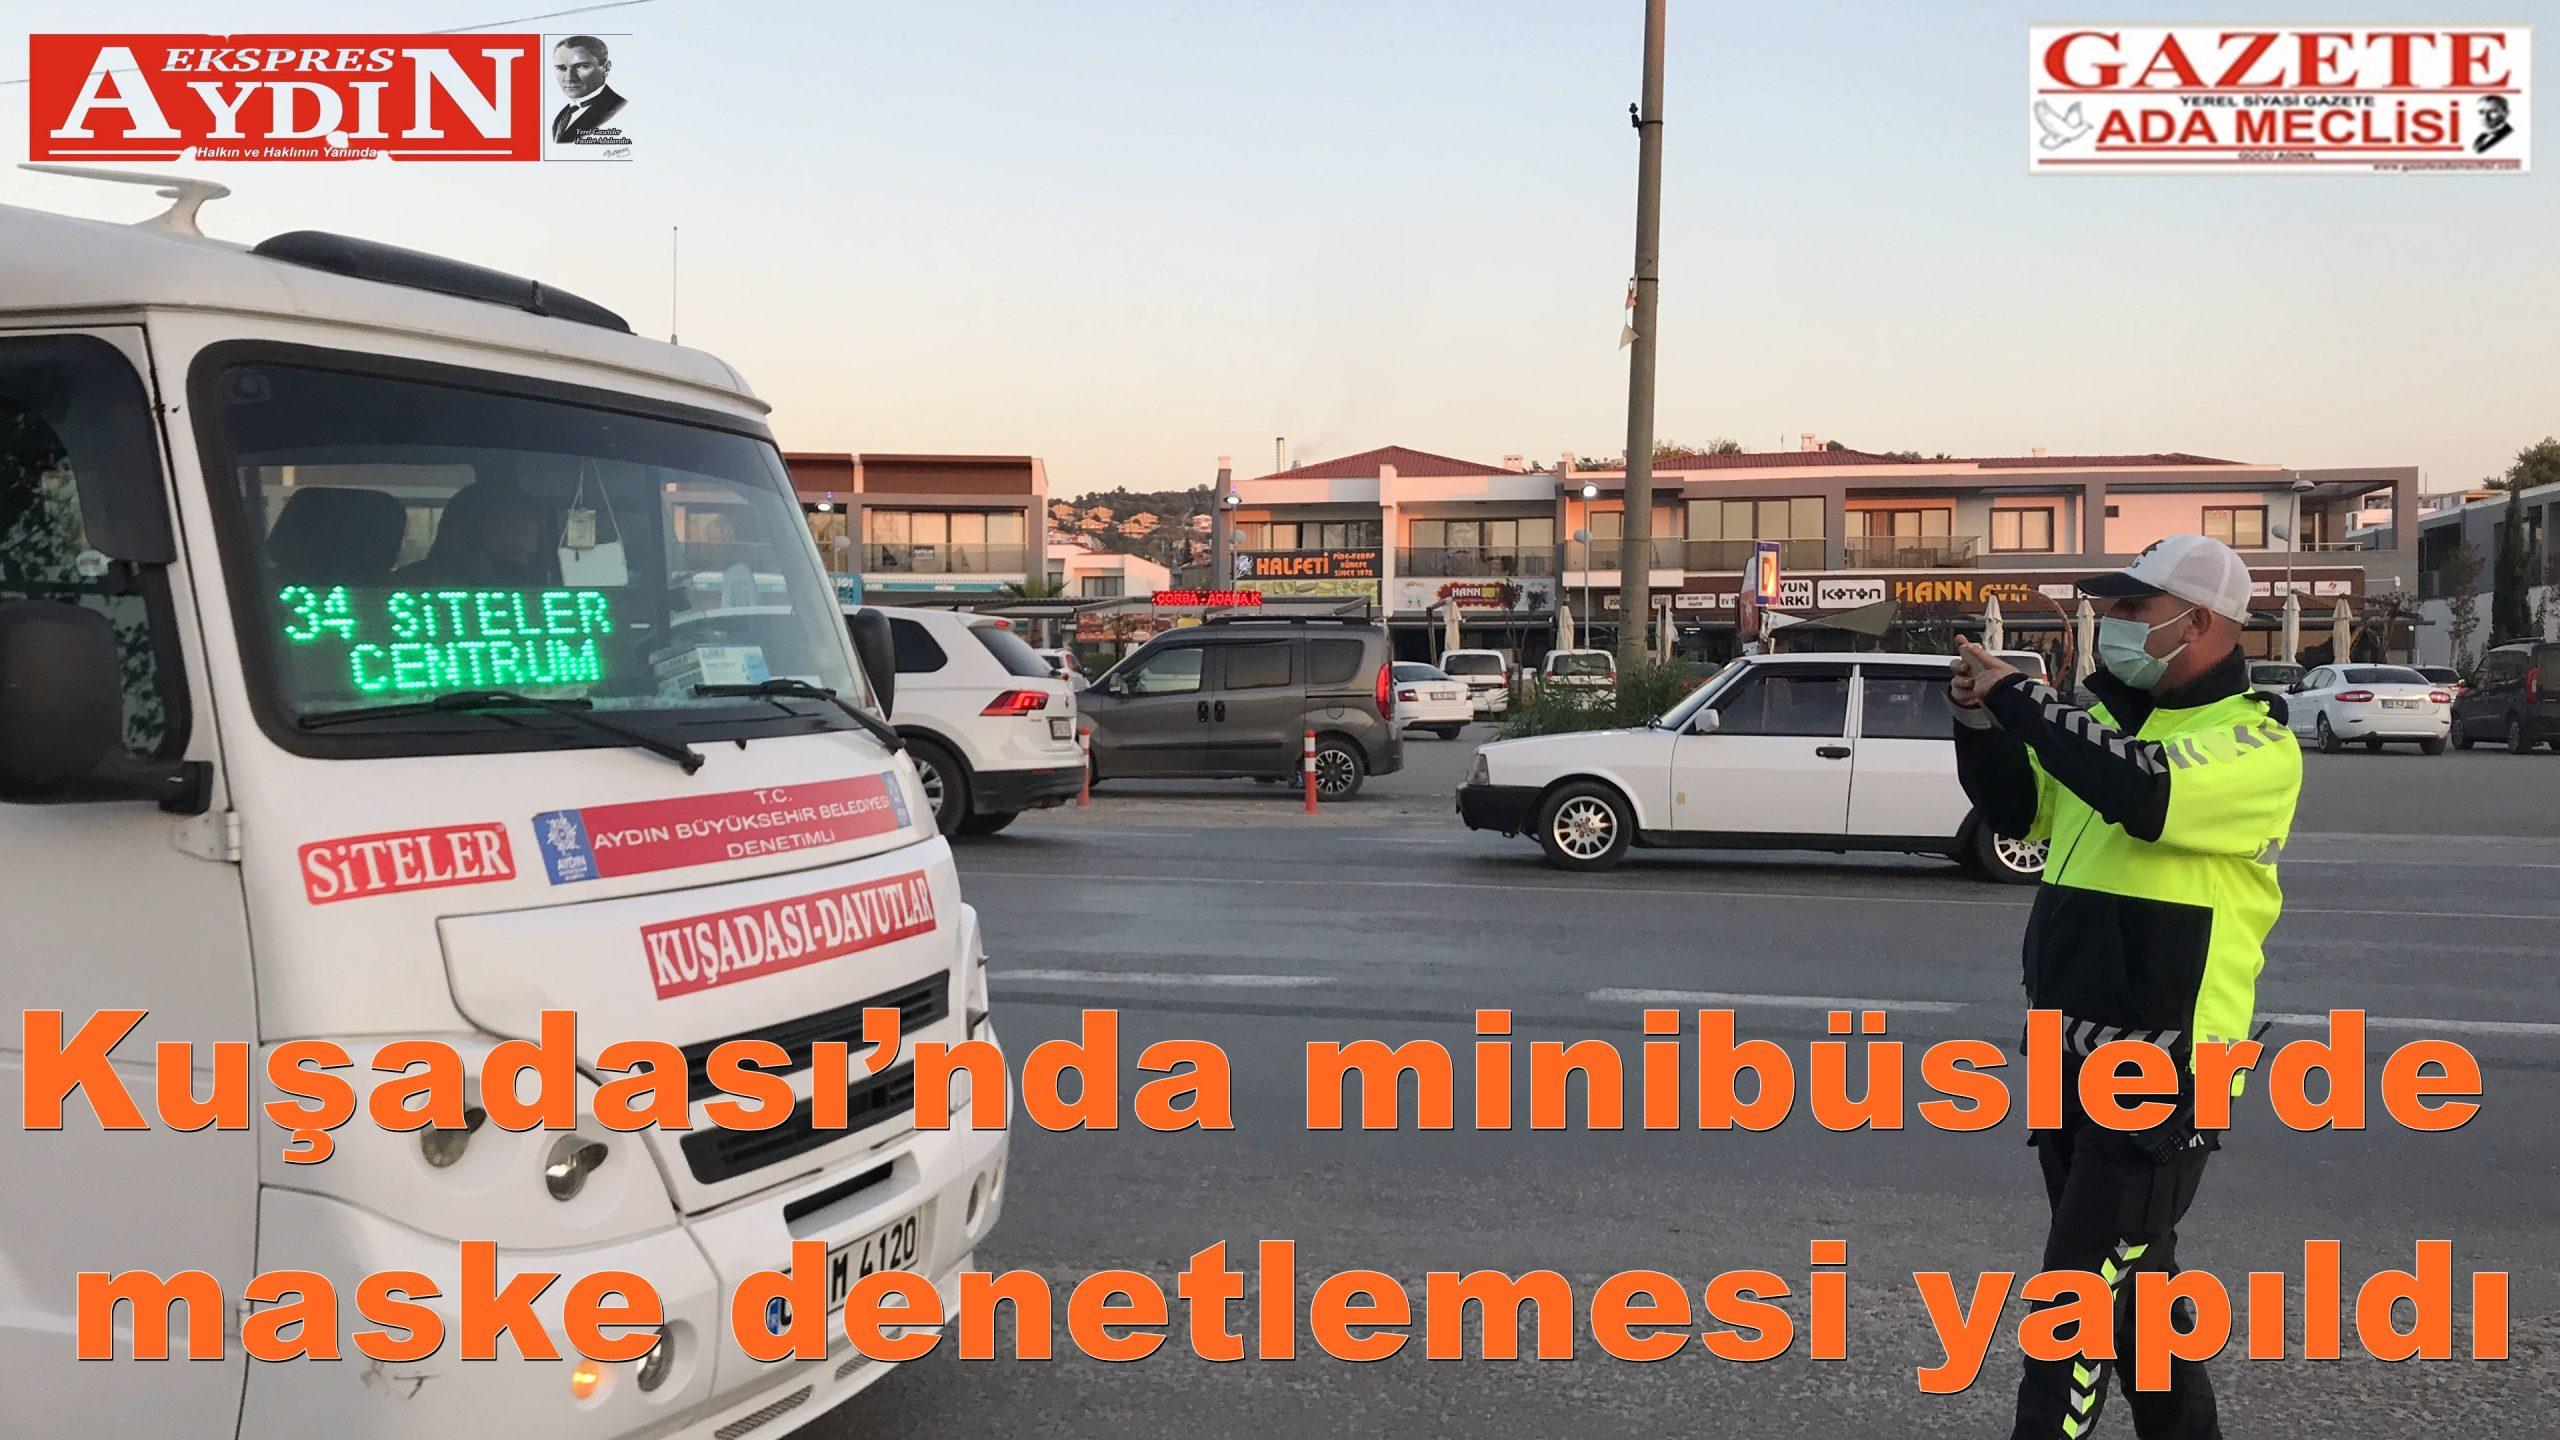 Kuşadası'nda minibüslerde maske denetlemesi yapıldı